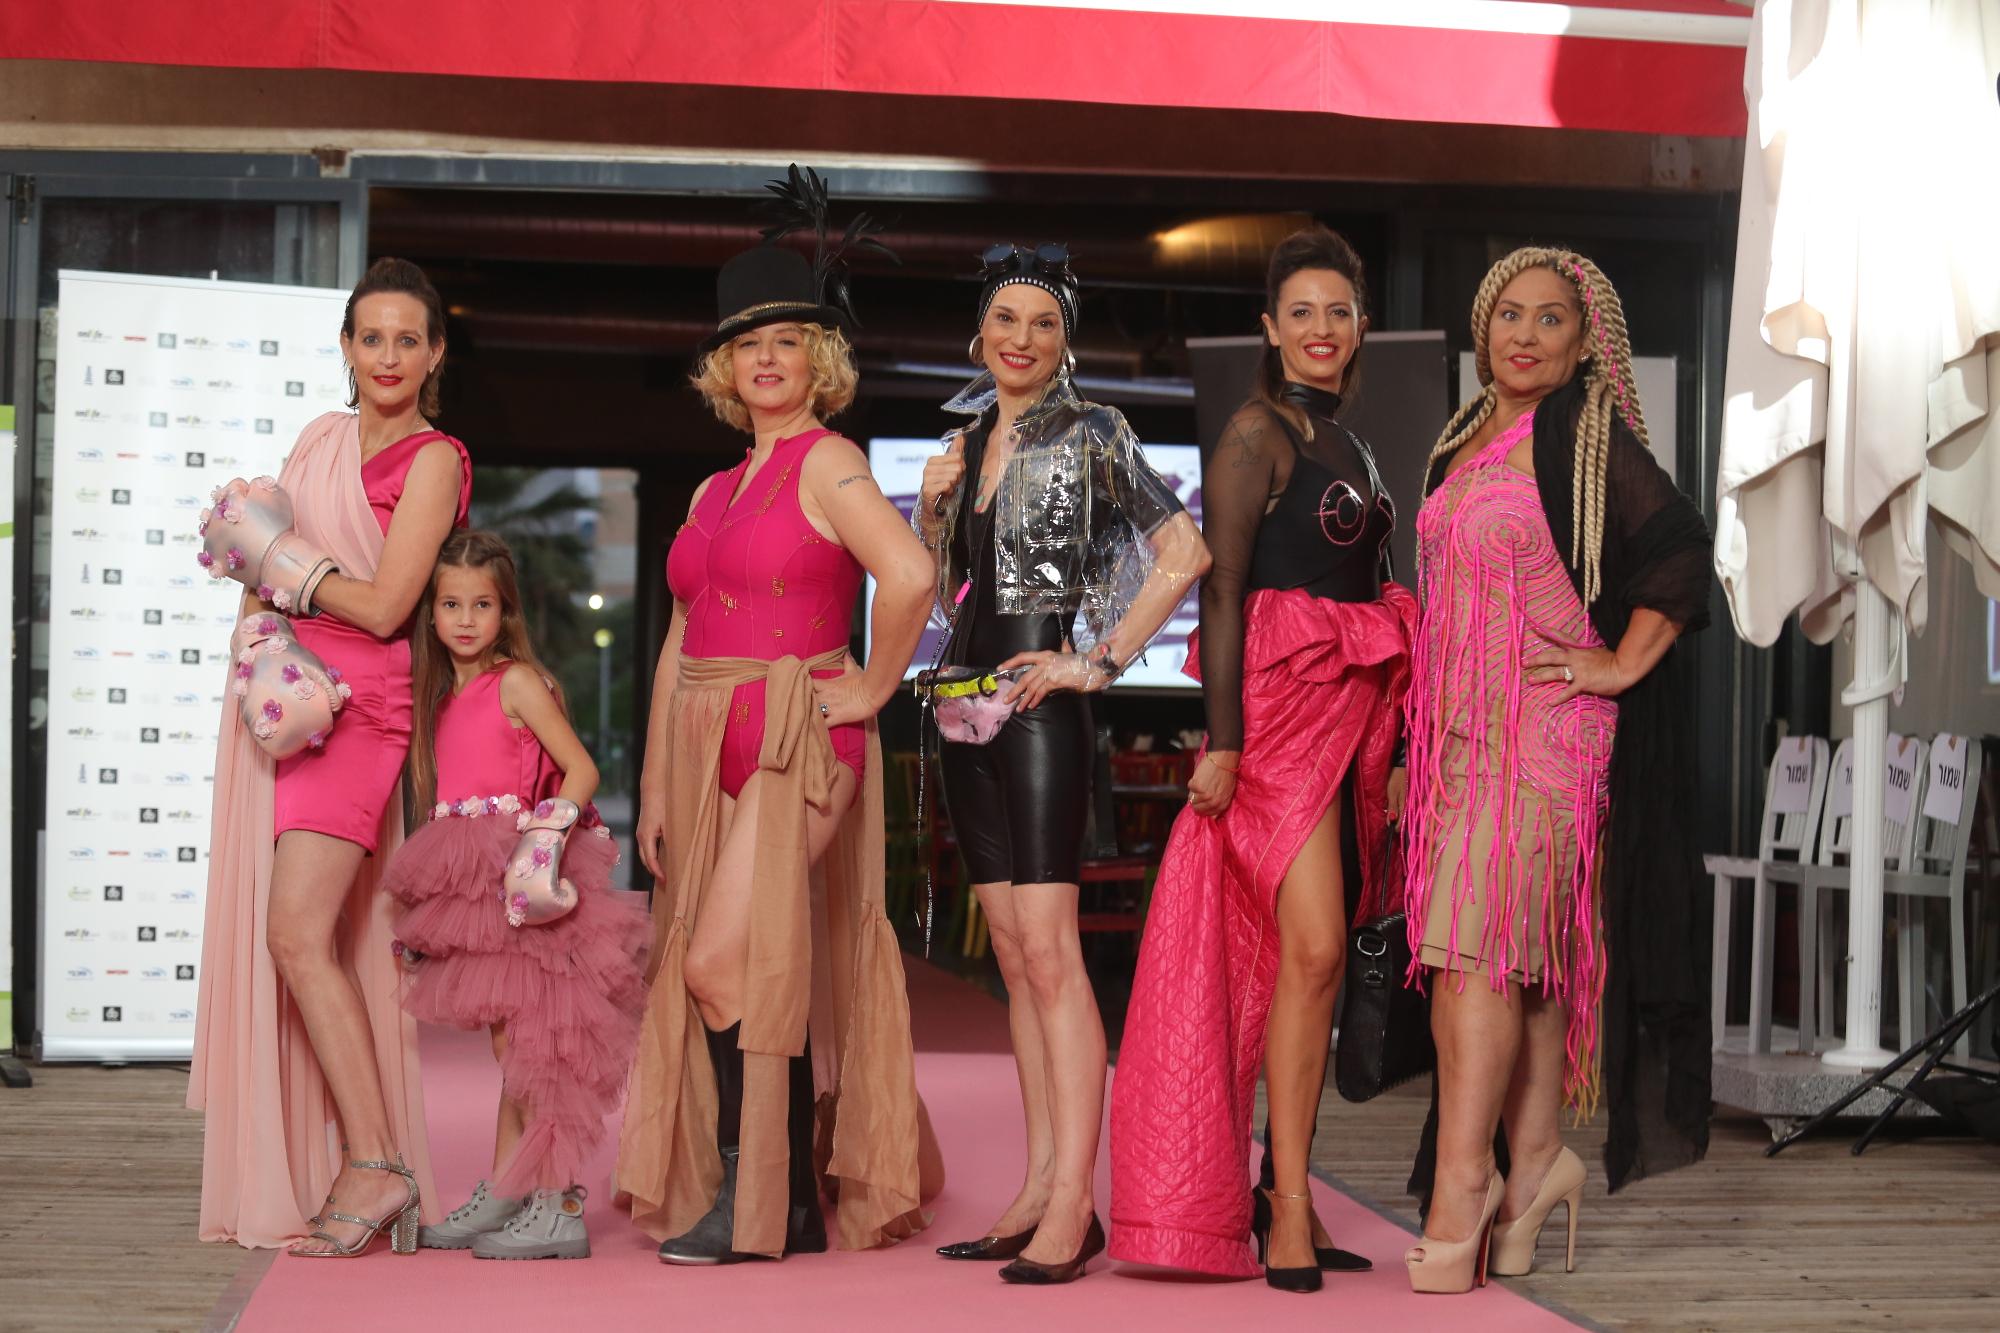 תצוגת האופנה של סטודיו 6b. על המסלול: נשים שהחלימו מסרטן השד | צילום: דביר רוזן